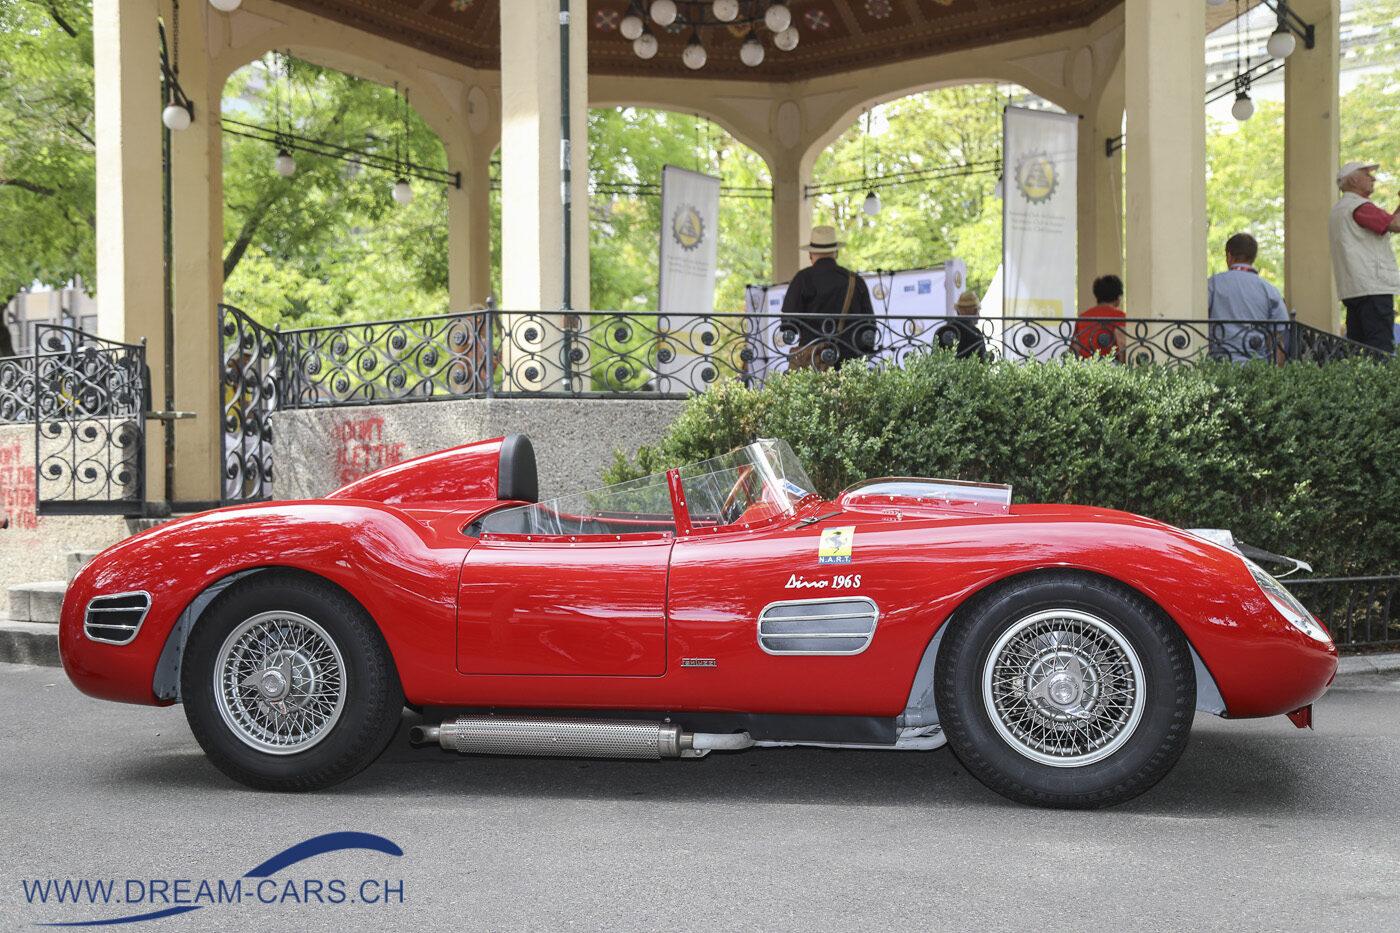 ZCCA - Zurich Classic Car Award, Bürkliplatz Zürich, 19. August 2020. Der Dino 196 S. Das Baujahr 1967 gibt einen Hinweis auf einen Nachbau